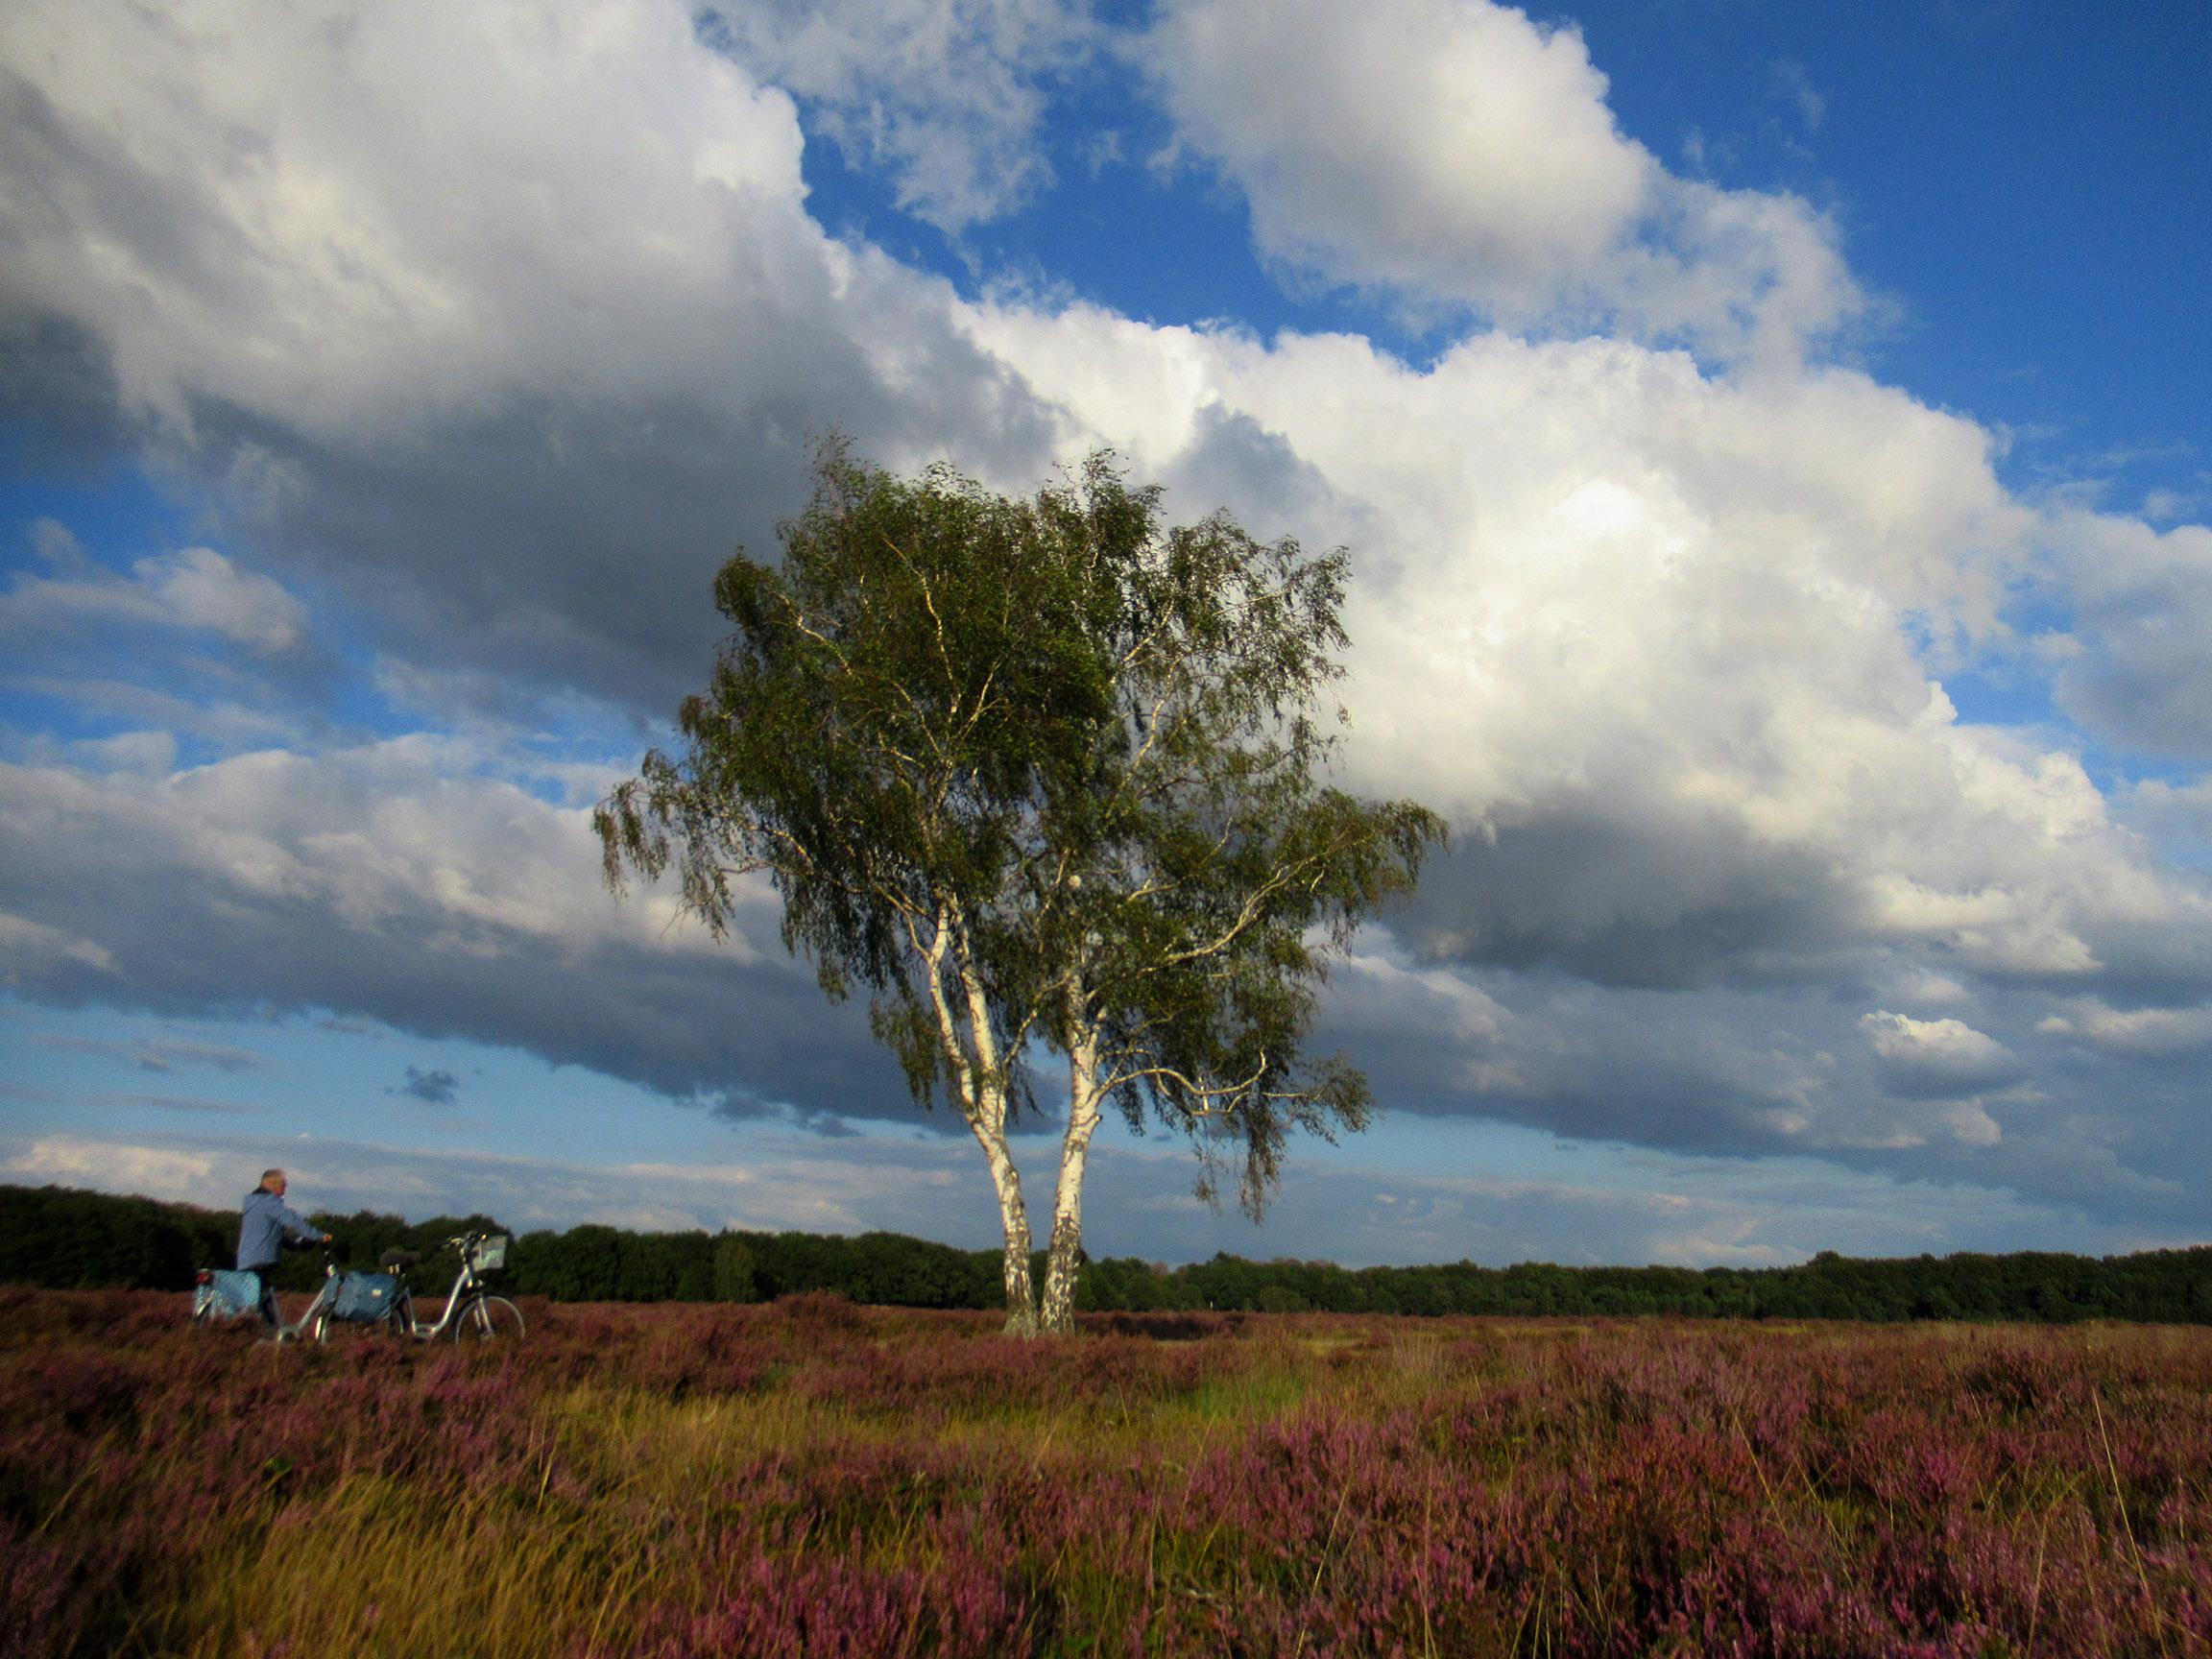 Terwijl Fransien staat te genieten van het schitterende uitzicht, prijkt daar die eenzame berk in de bloeiende heide. Vooral de prachtige wolkenlucht maken het geheel compleet! - Foto: ©Louis Fraanje